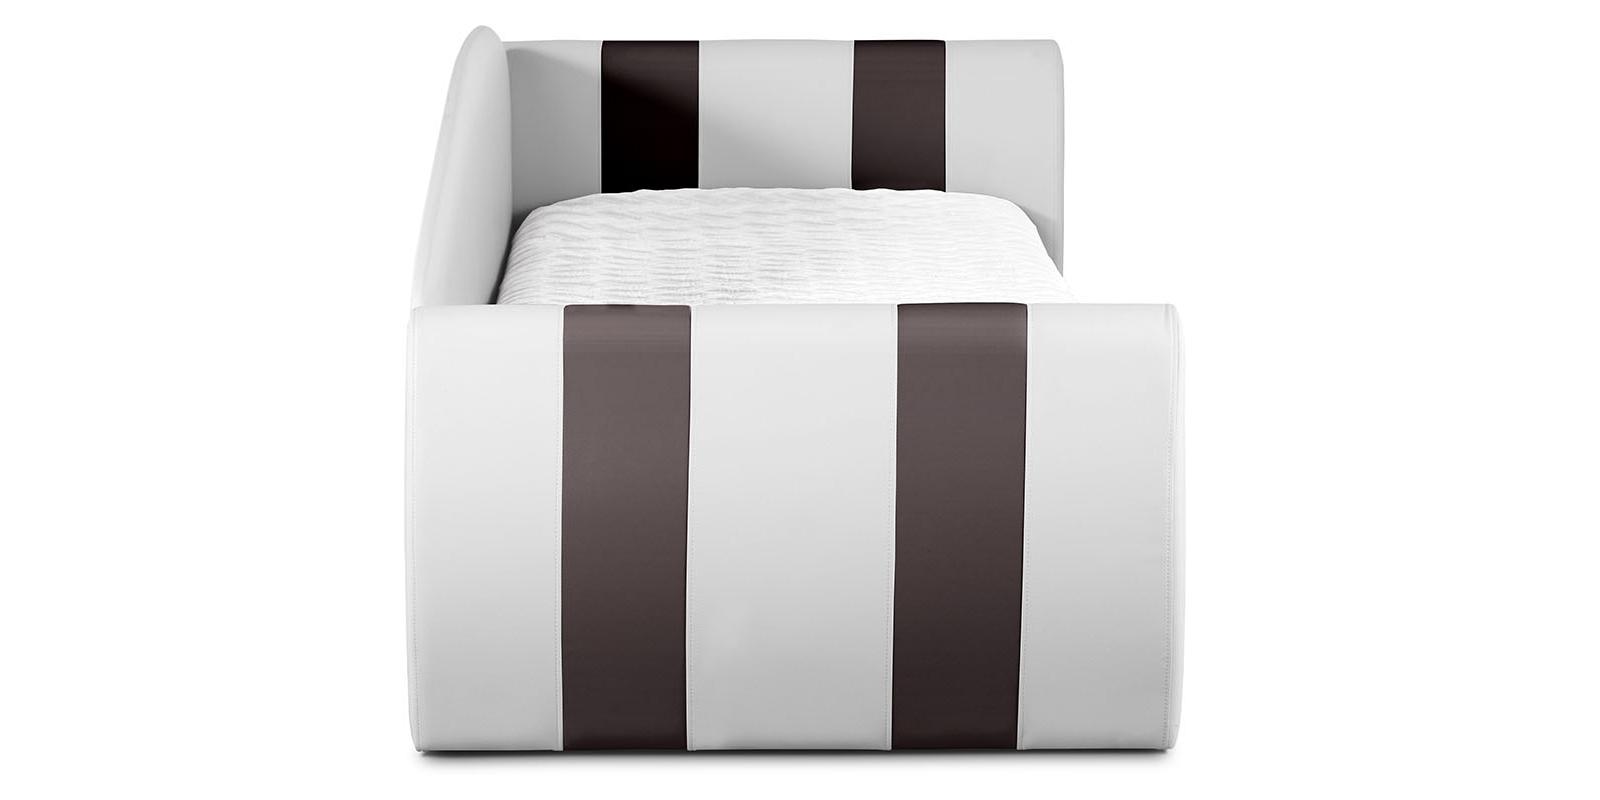 Мягкая кровать 190х90 Монако угол правый (белый/шоколад) от HomeMe.ru